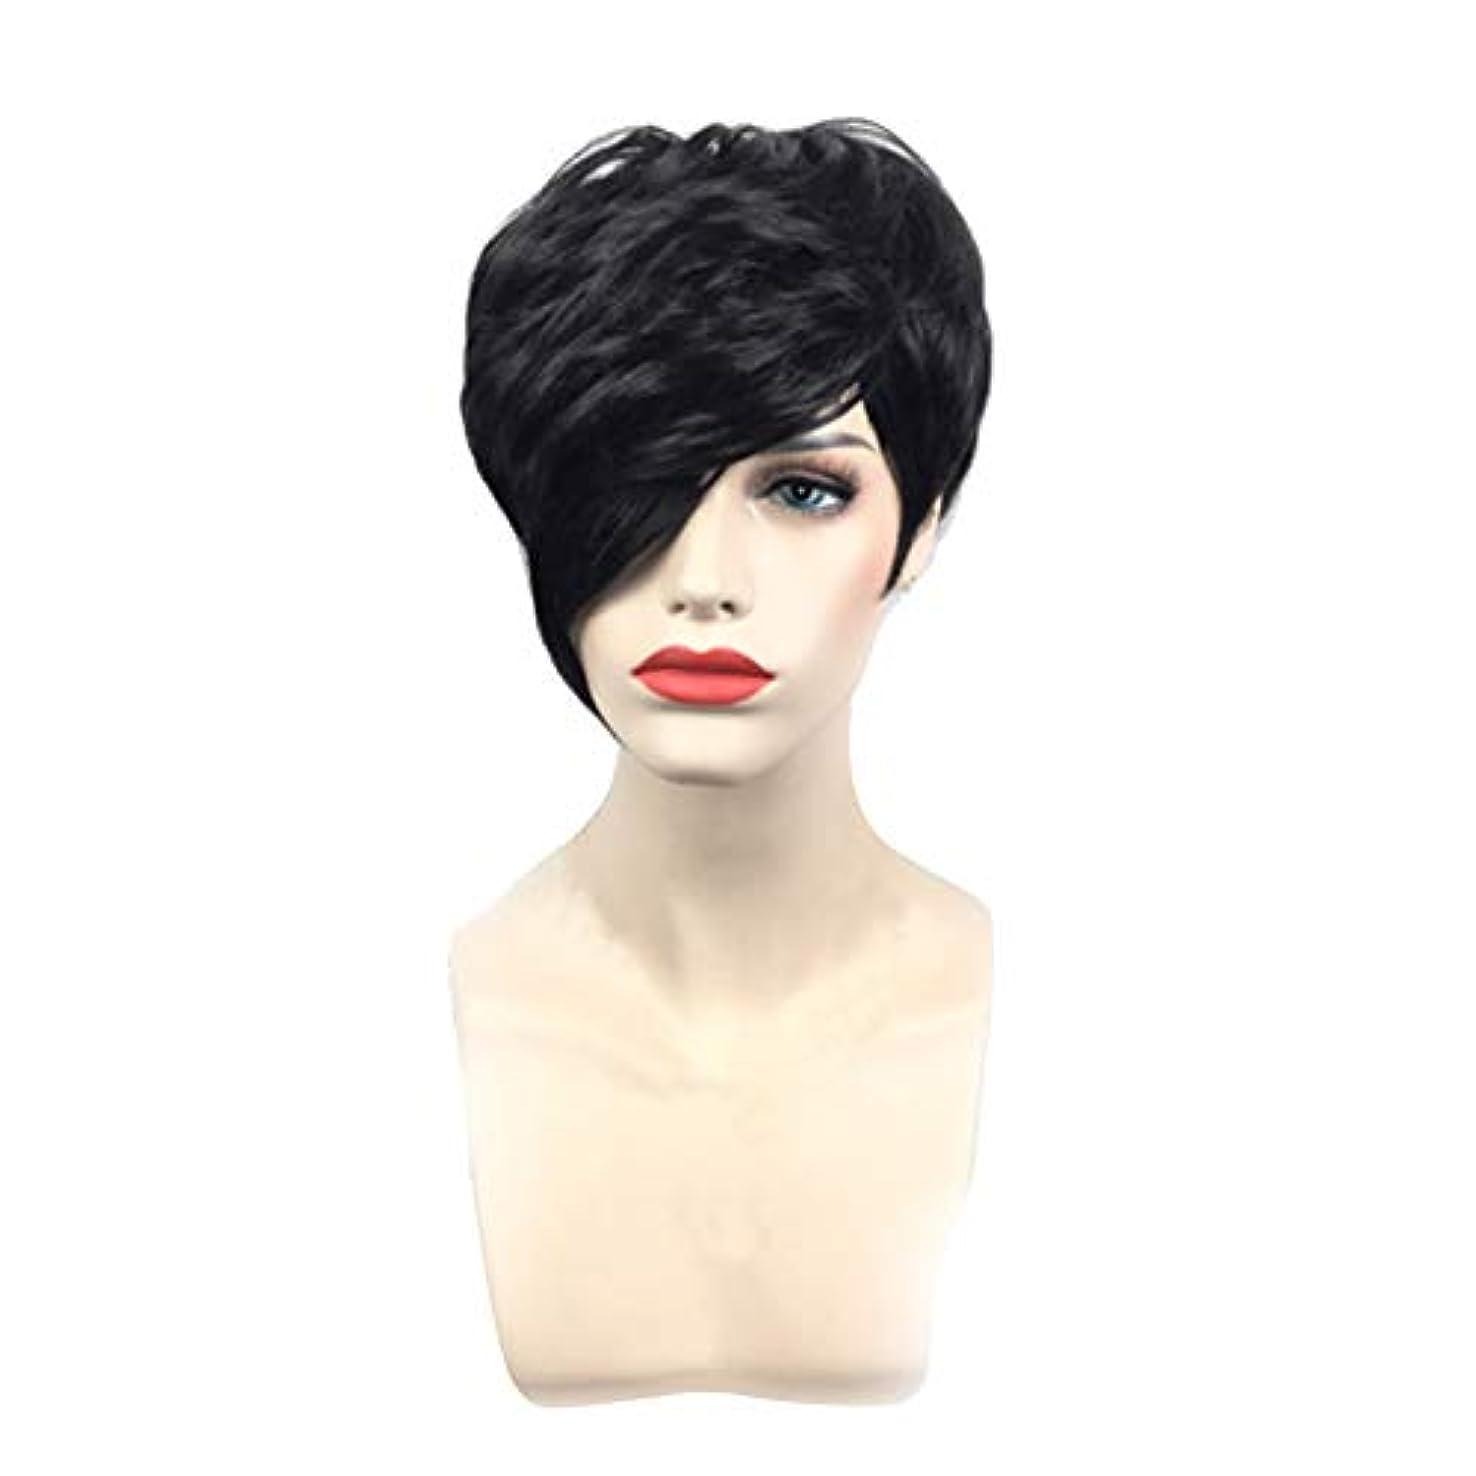 混乱ハーフ対話黒の短いストレートヘアフルウィッグファッションコス小道具かつら